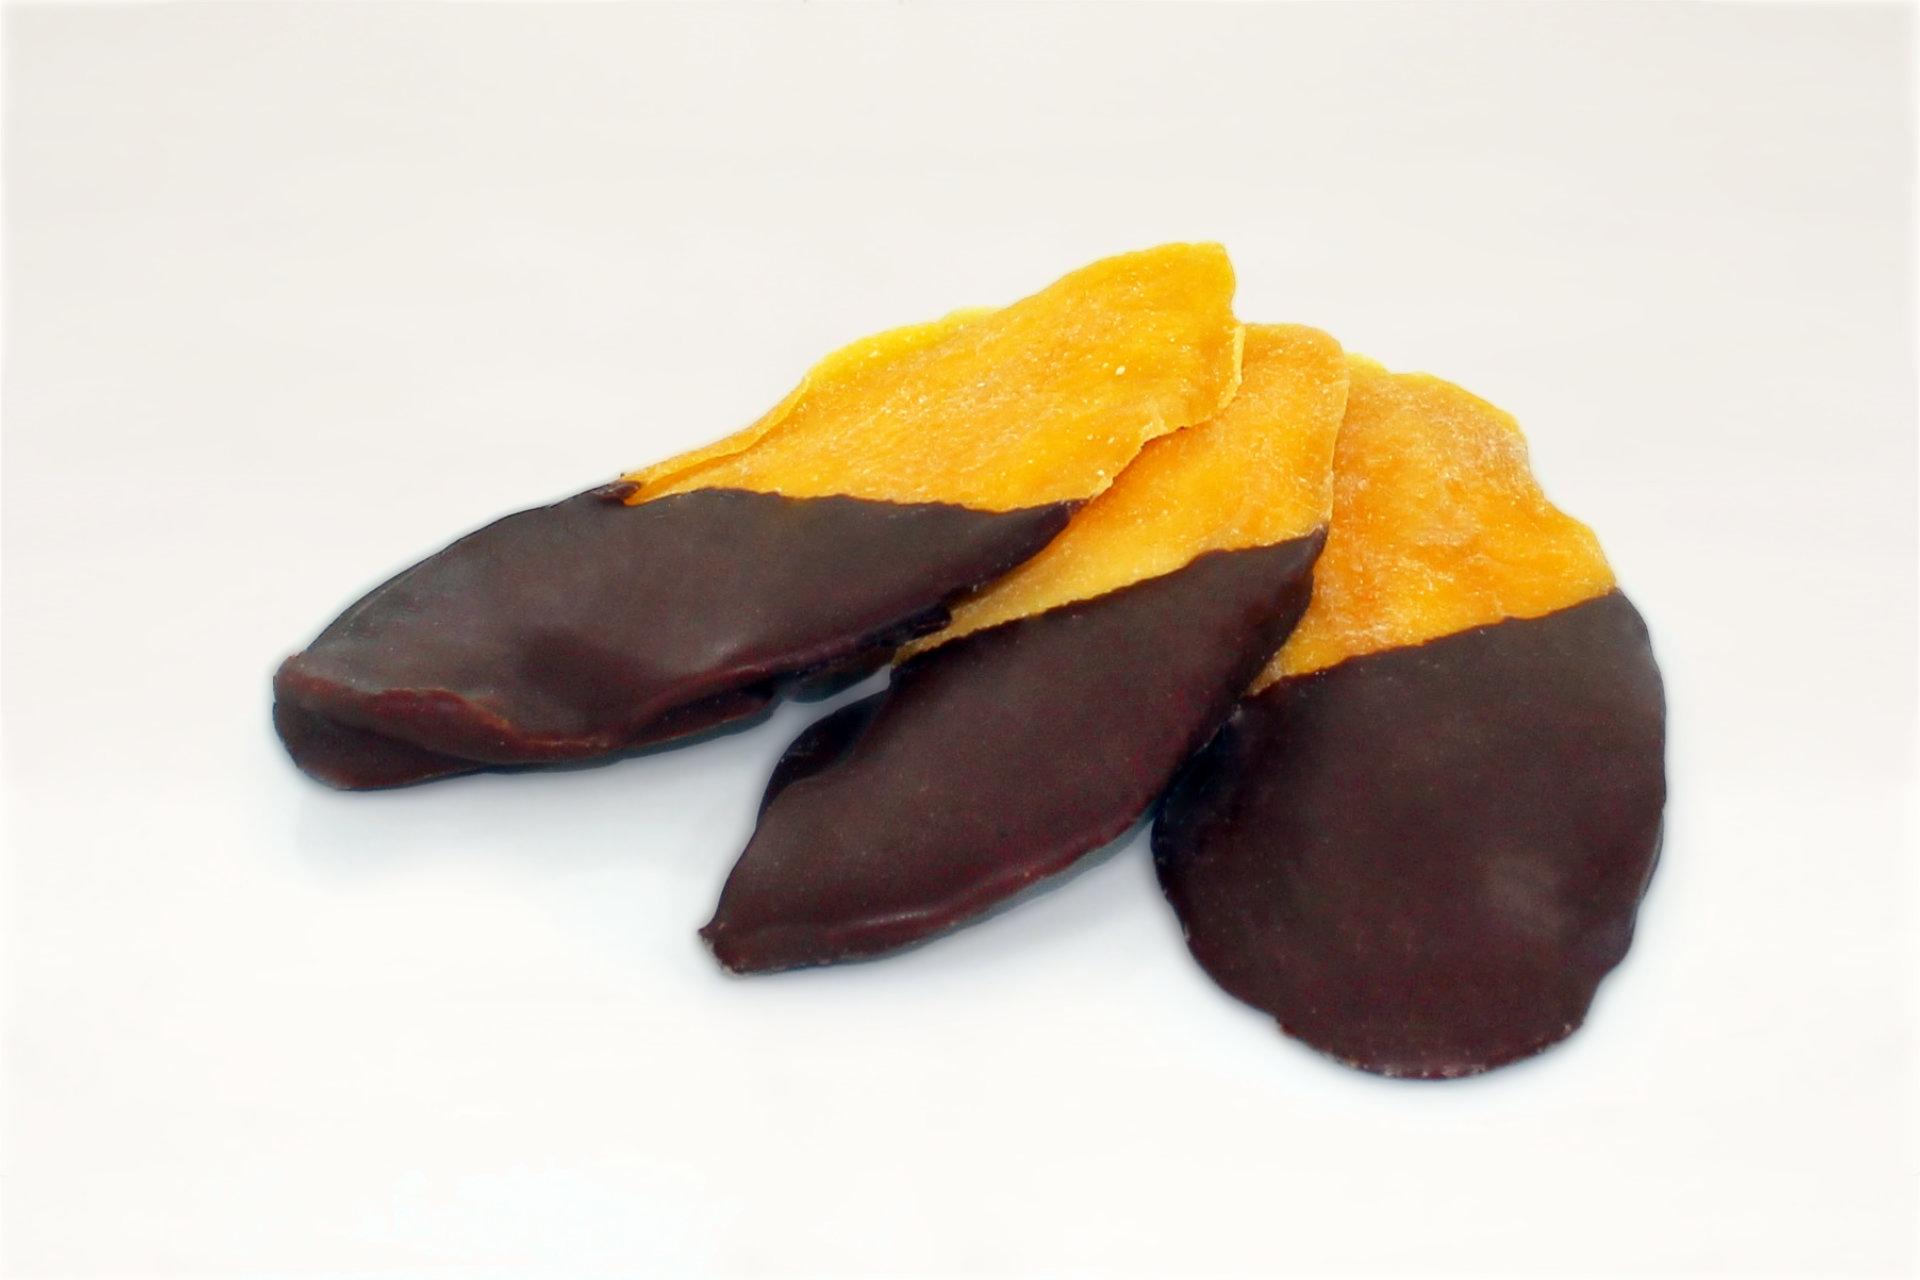 Mango, getrocknet, halbschokoliert mit Milchschokolade, Serviervorschlag